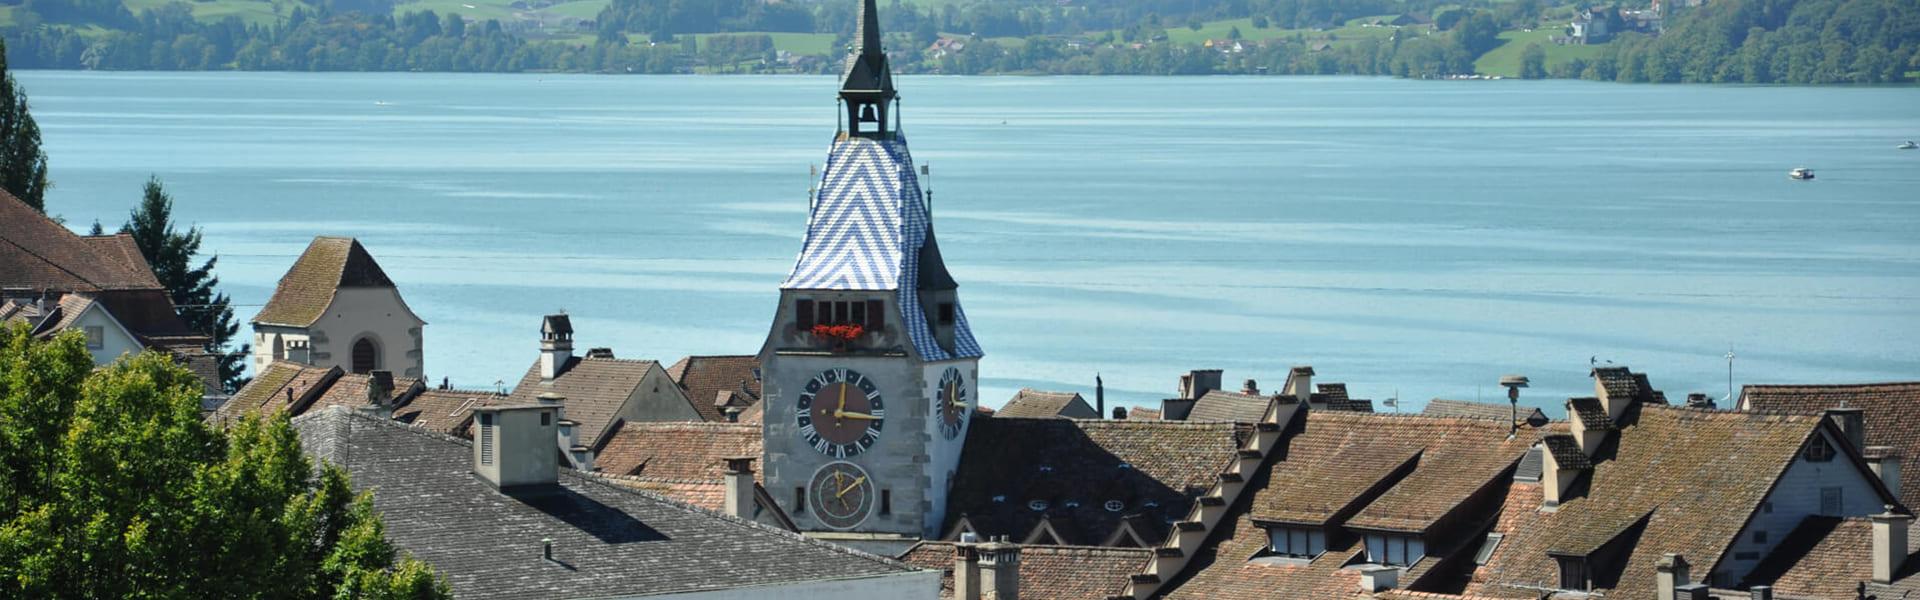 Baar Switzerland